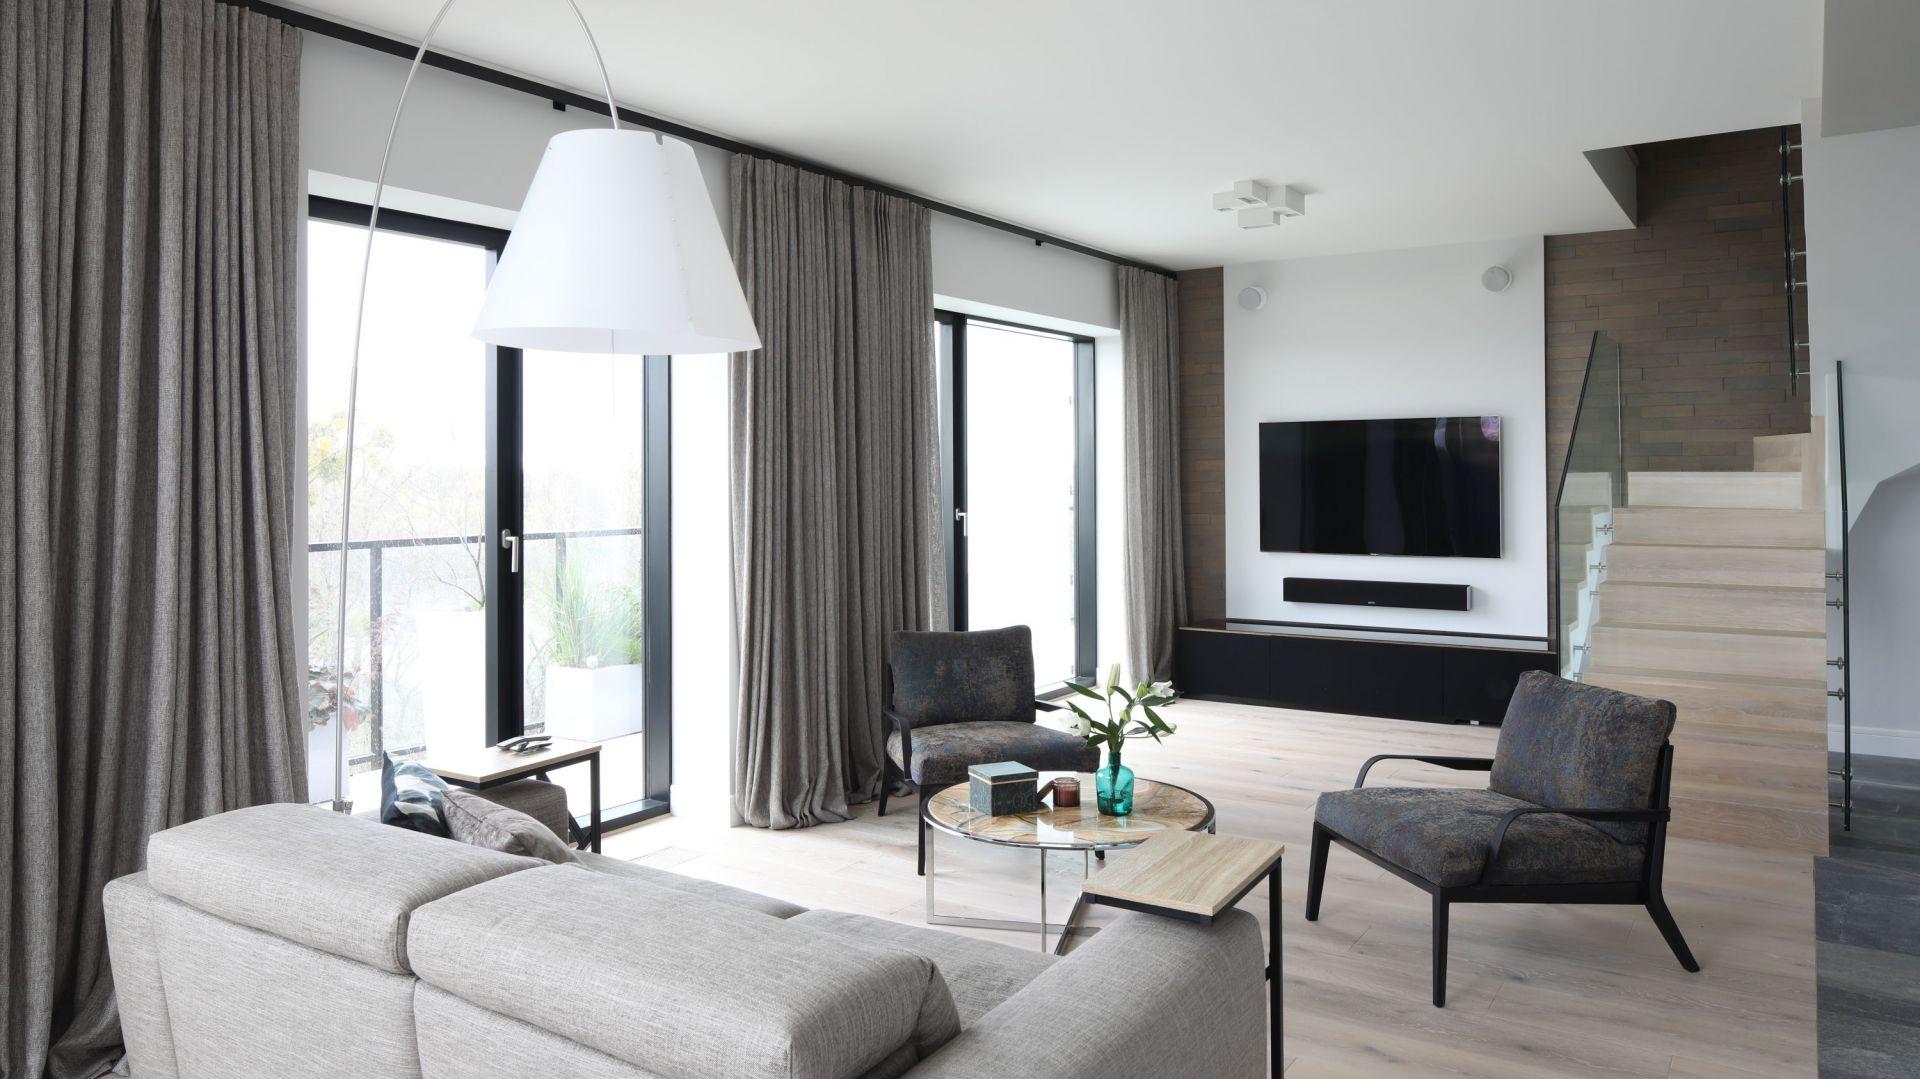 Odpowiednio dobrane meble, zwłaszcza te wypoczynkowe, zwiększa komfort jego użytkowania na co dzień. Projekt Magdalena Lehmann. Fot. Bartosz Jarosz